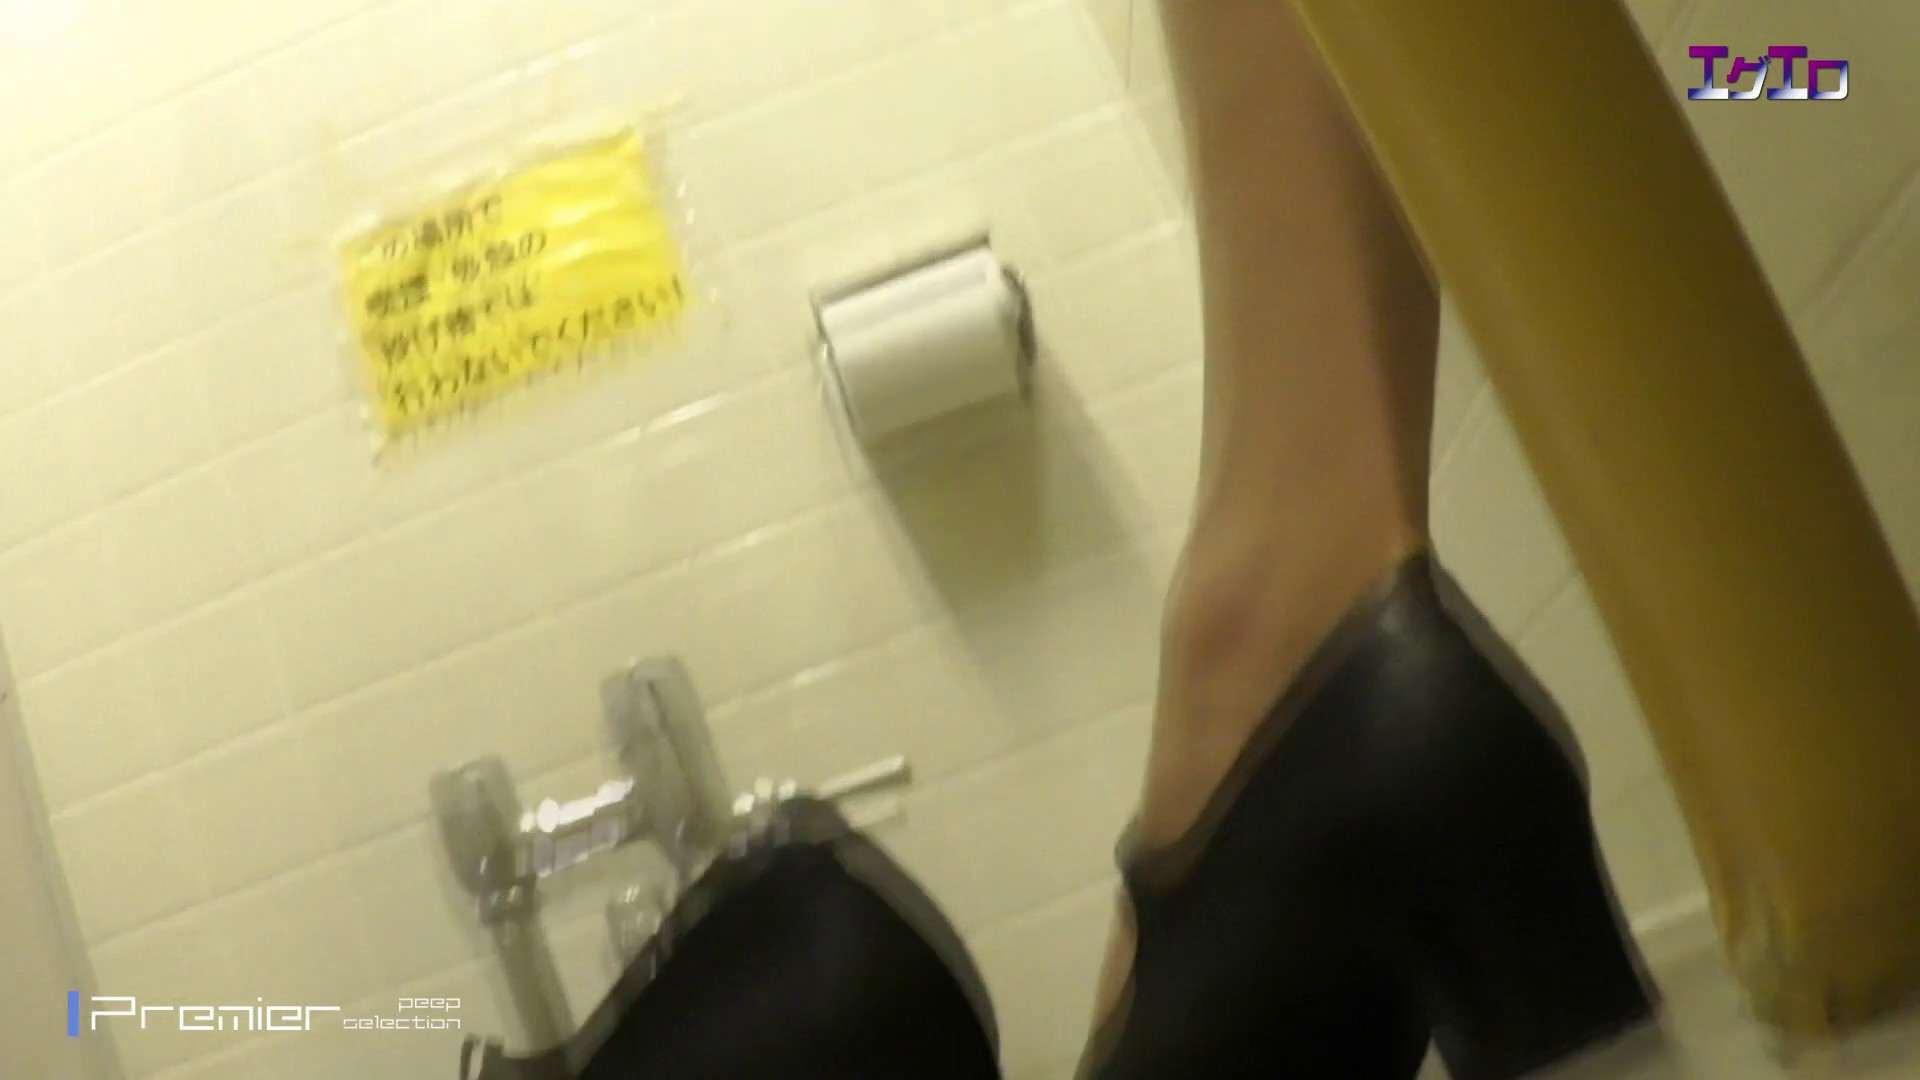 執念の撮影&追撮!!某女子校の通学路にあるトイレ 至近距離洗面所 Vol.16 洗面所 ワレメ無修正動画無料 107連発 80